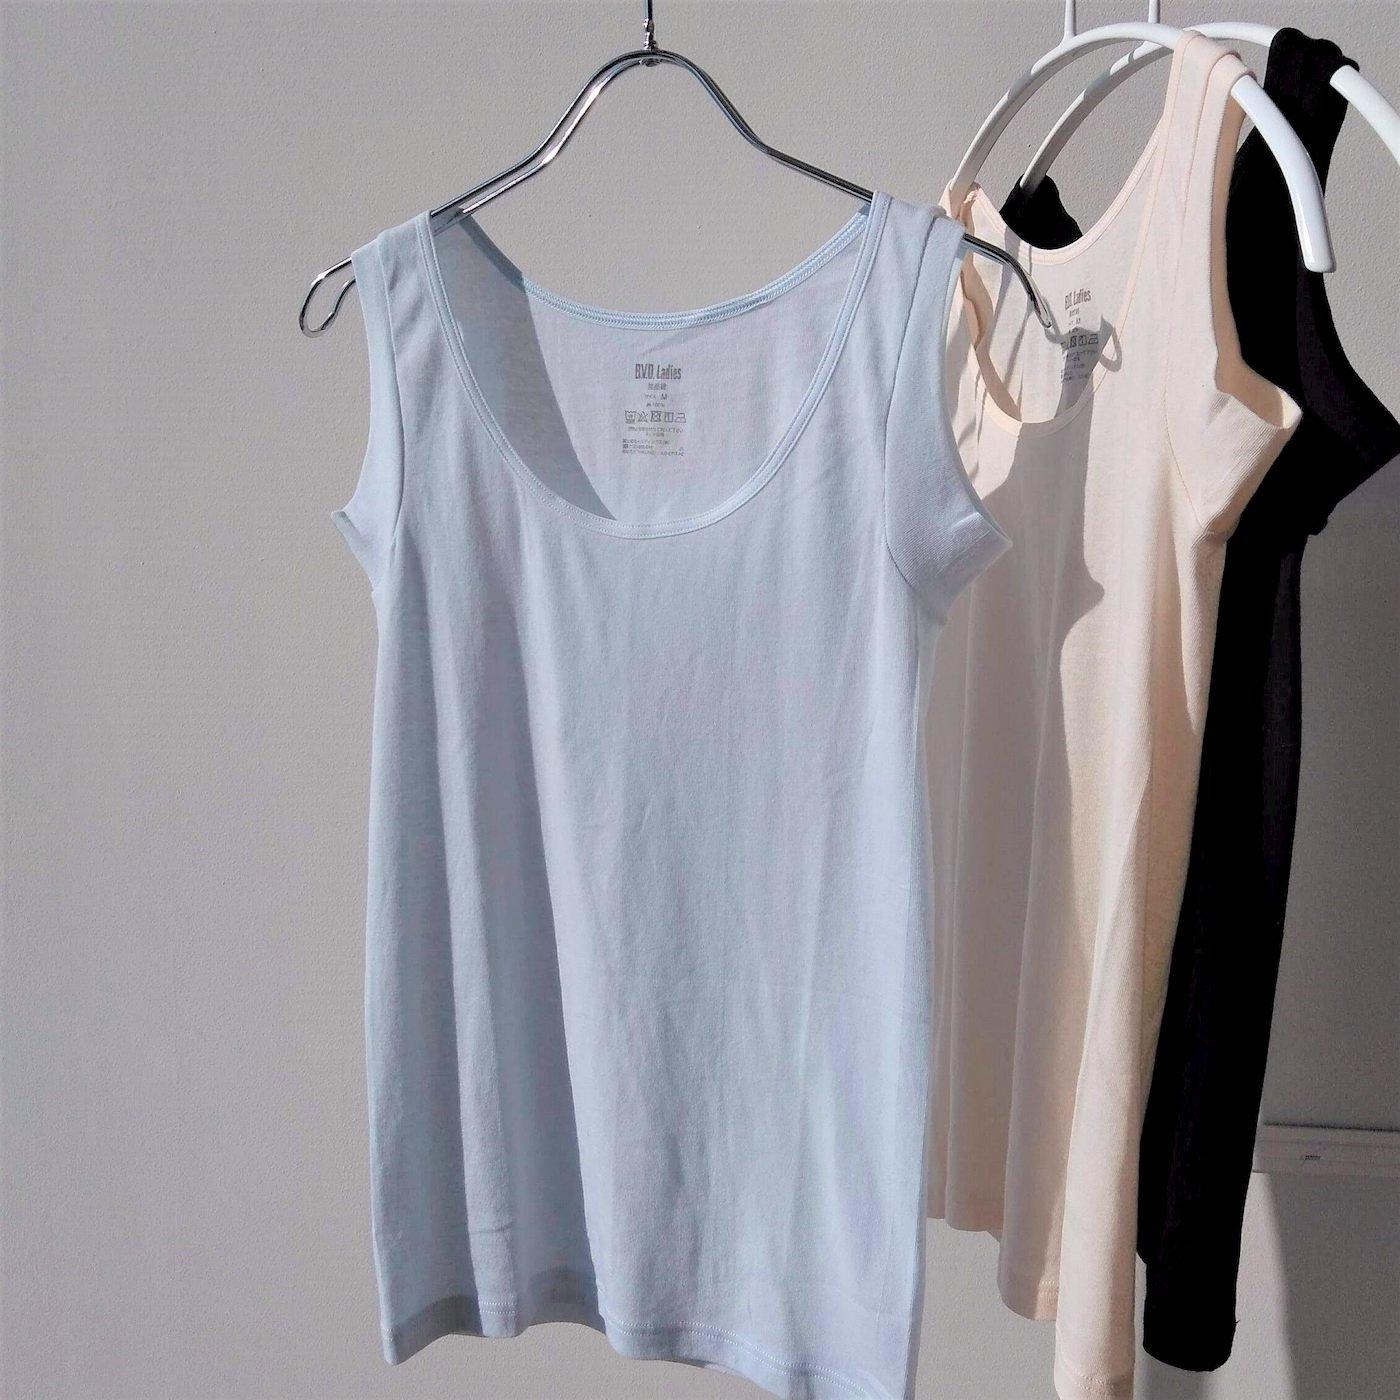 綿100%で吸汗速乾 強撚糸のシャリ感が心地よいタンクトップ〈LL〉の会